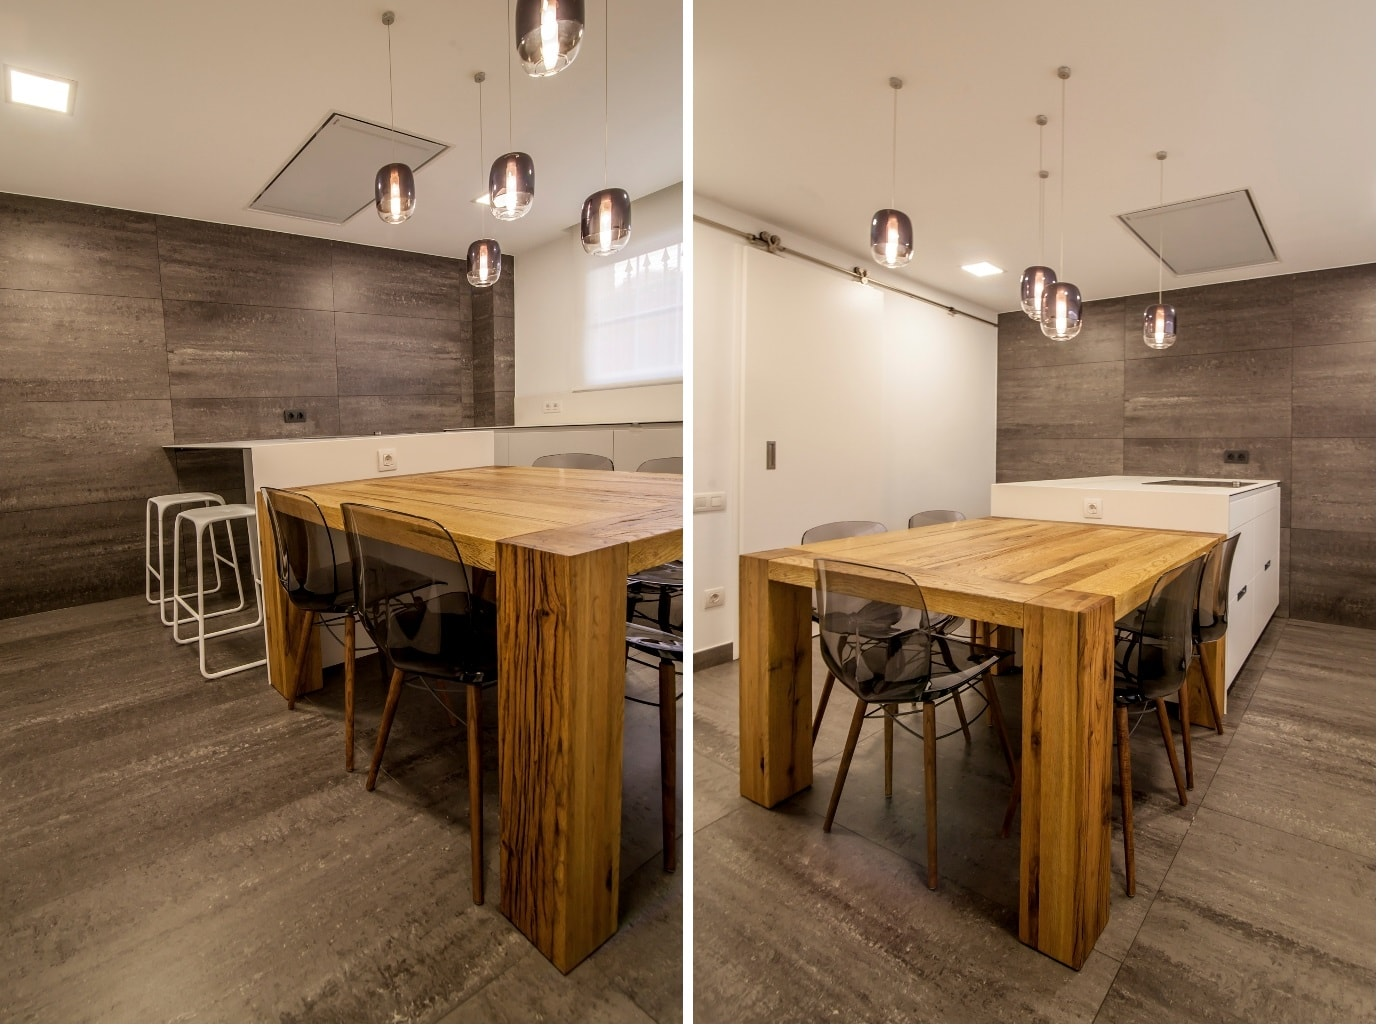 Mesas de madera un complemento ideal para las cocinas for Mesas de cocina zaragoza